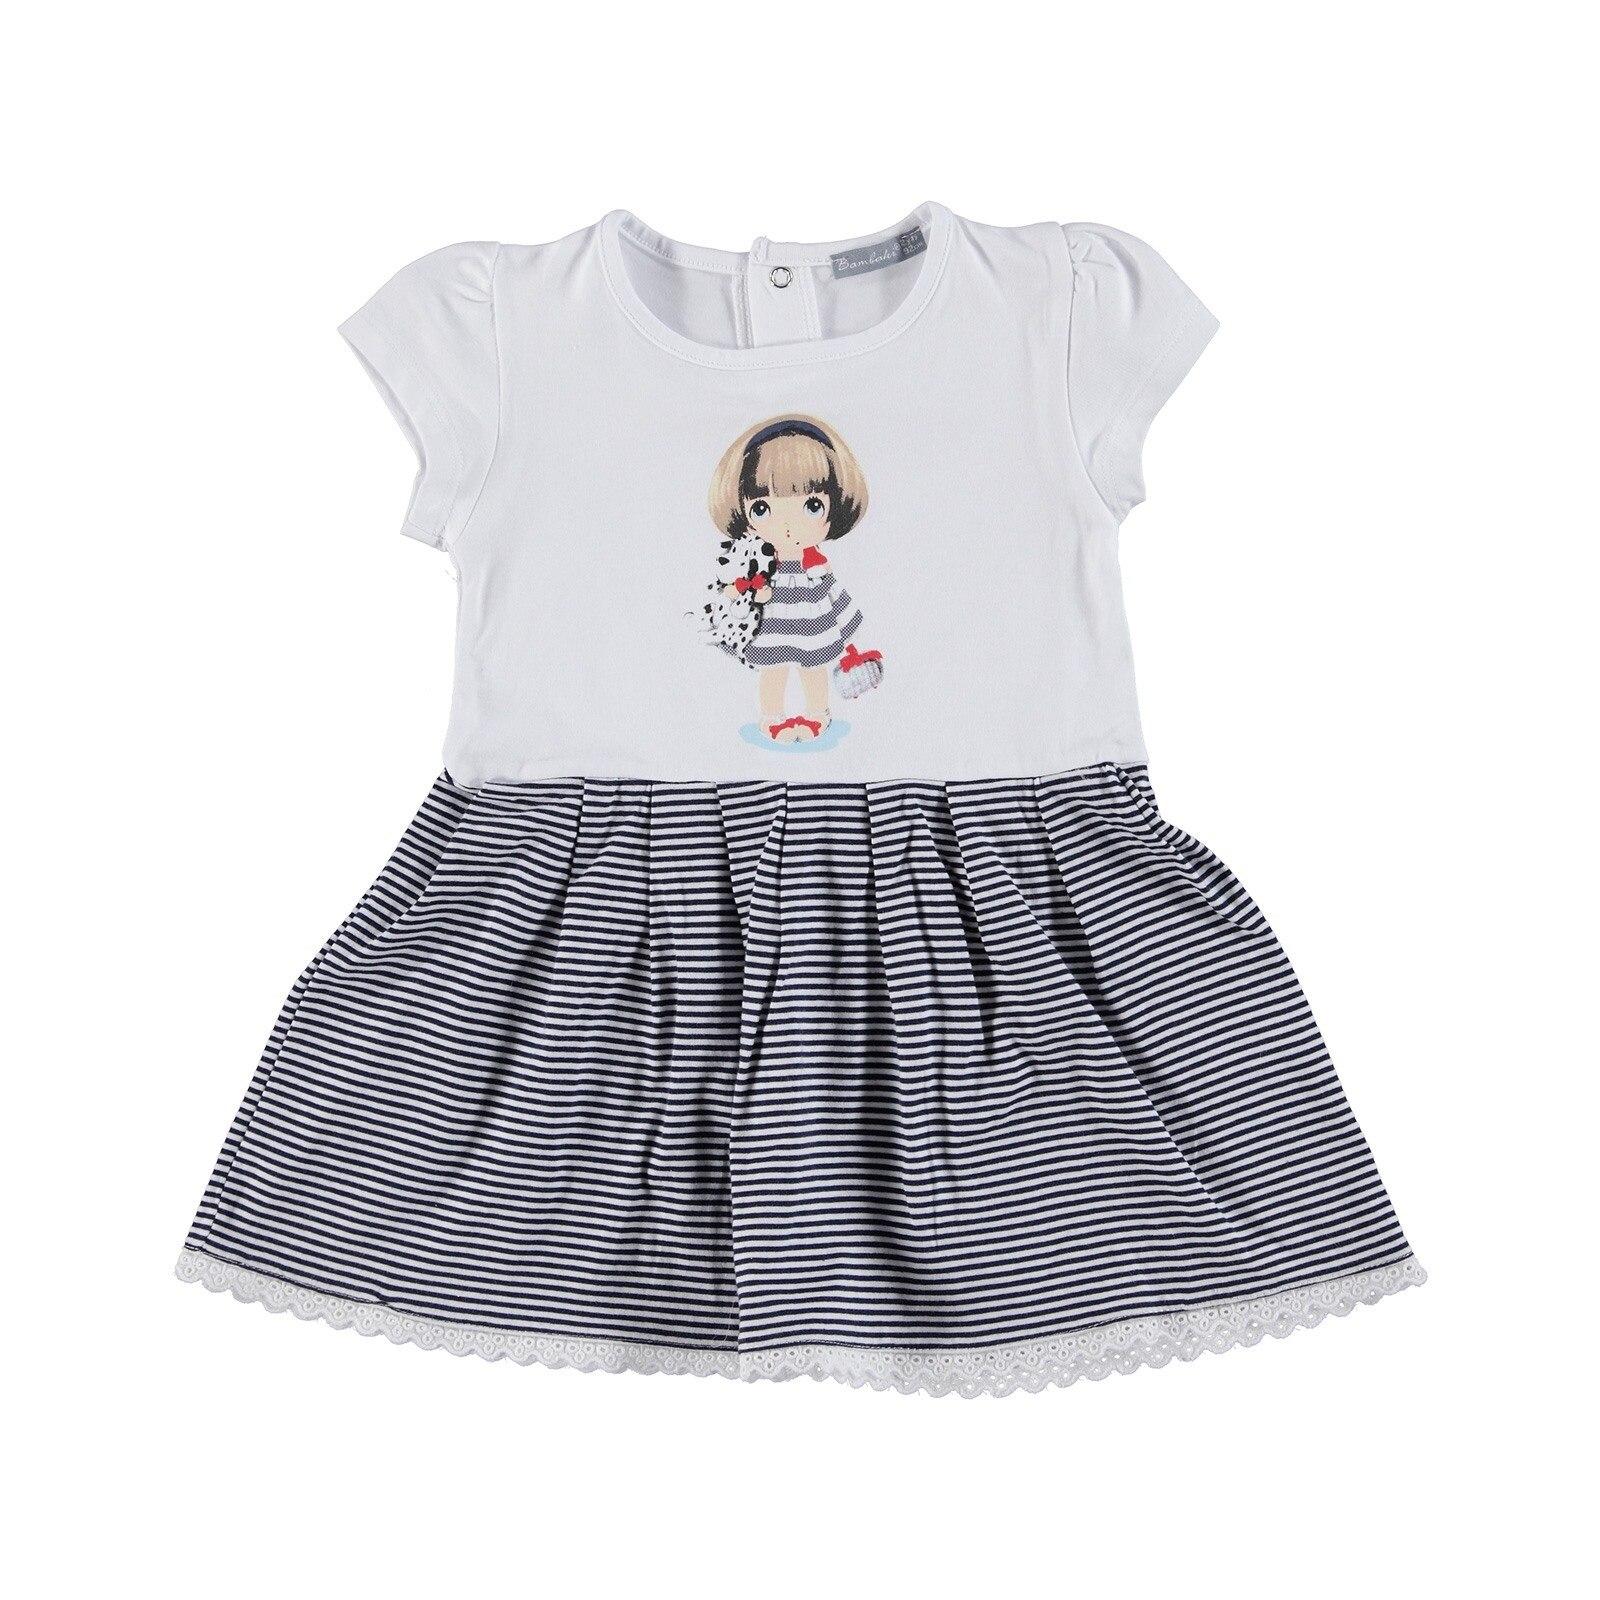 Ebebek Bambaki Summer Striped Printed Baby Girl Dress